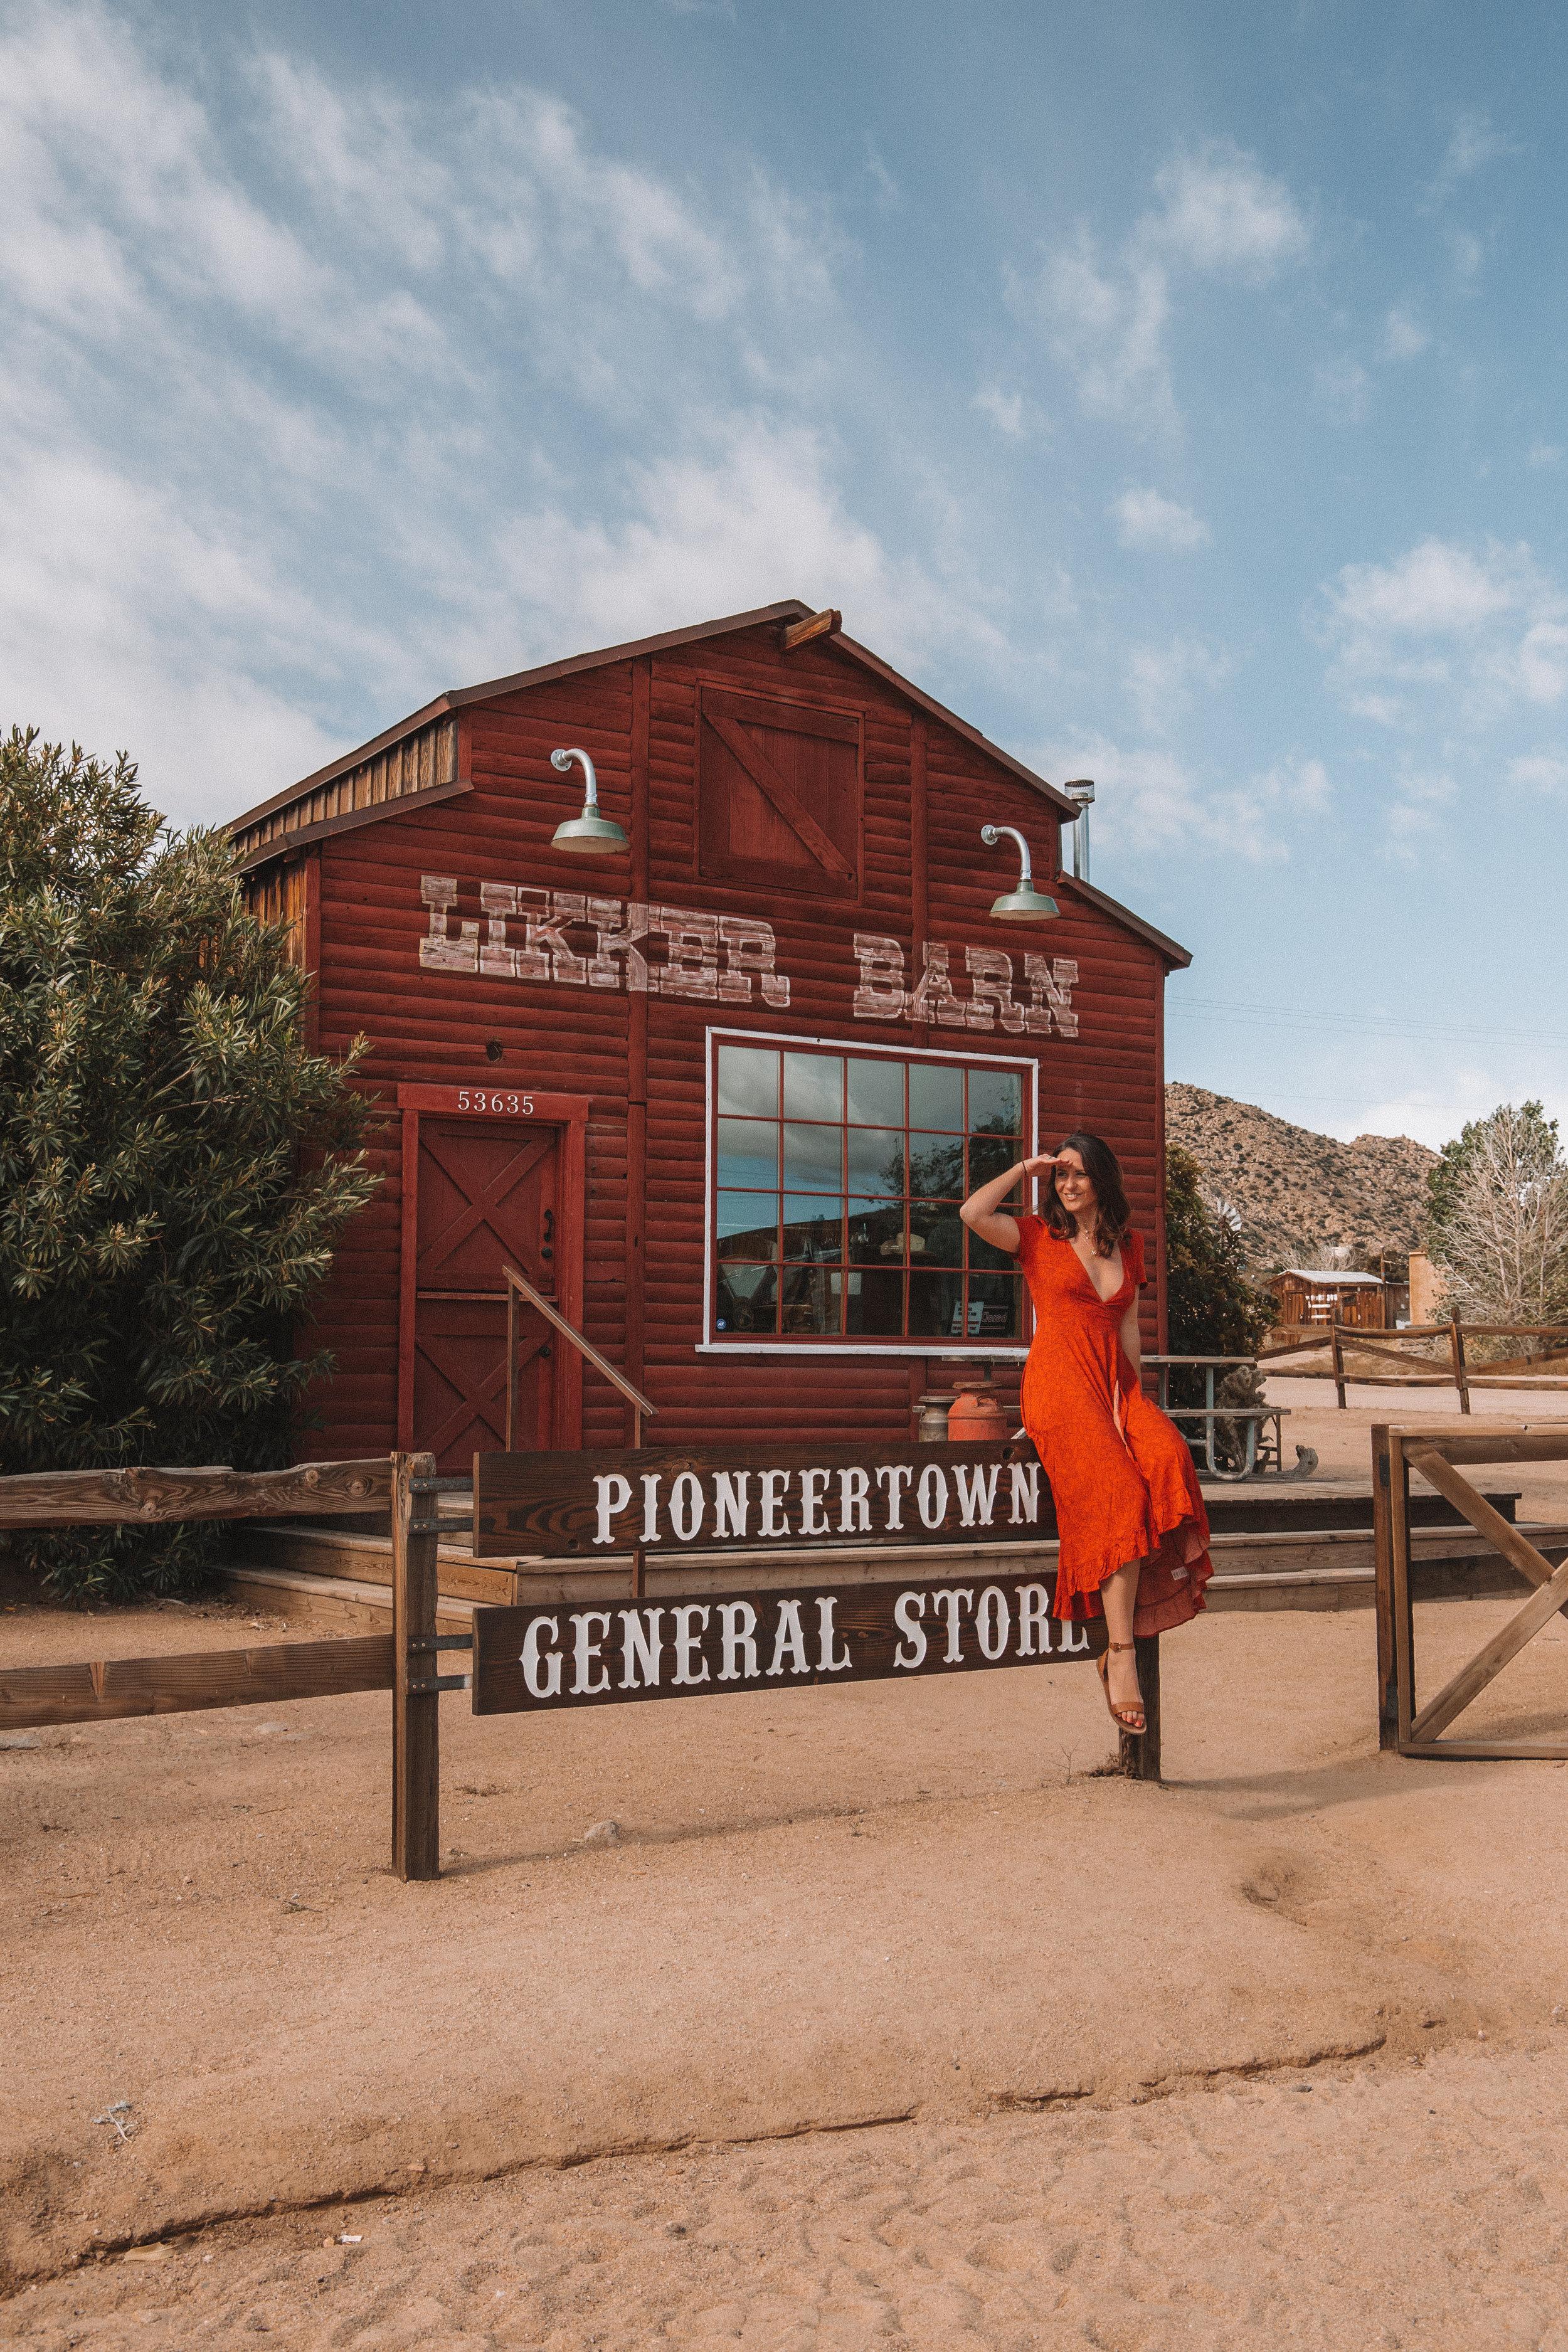 Pioneertown General Store.jpg